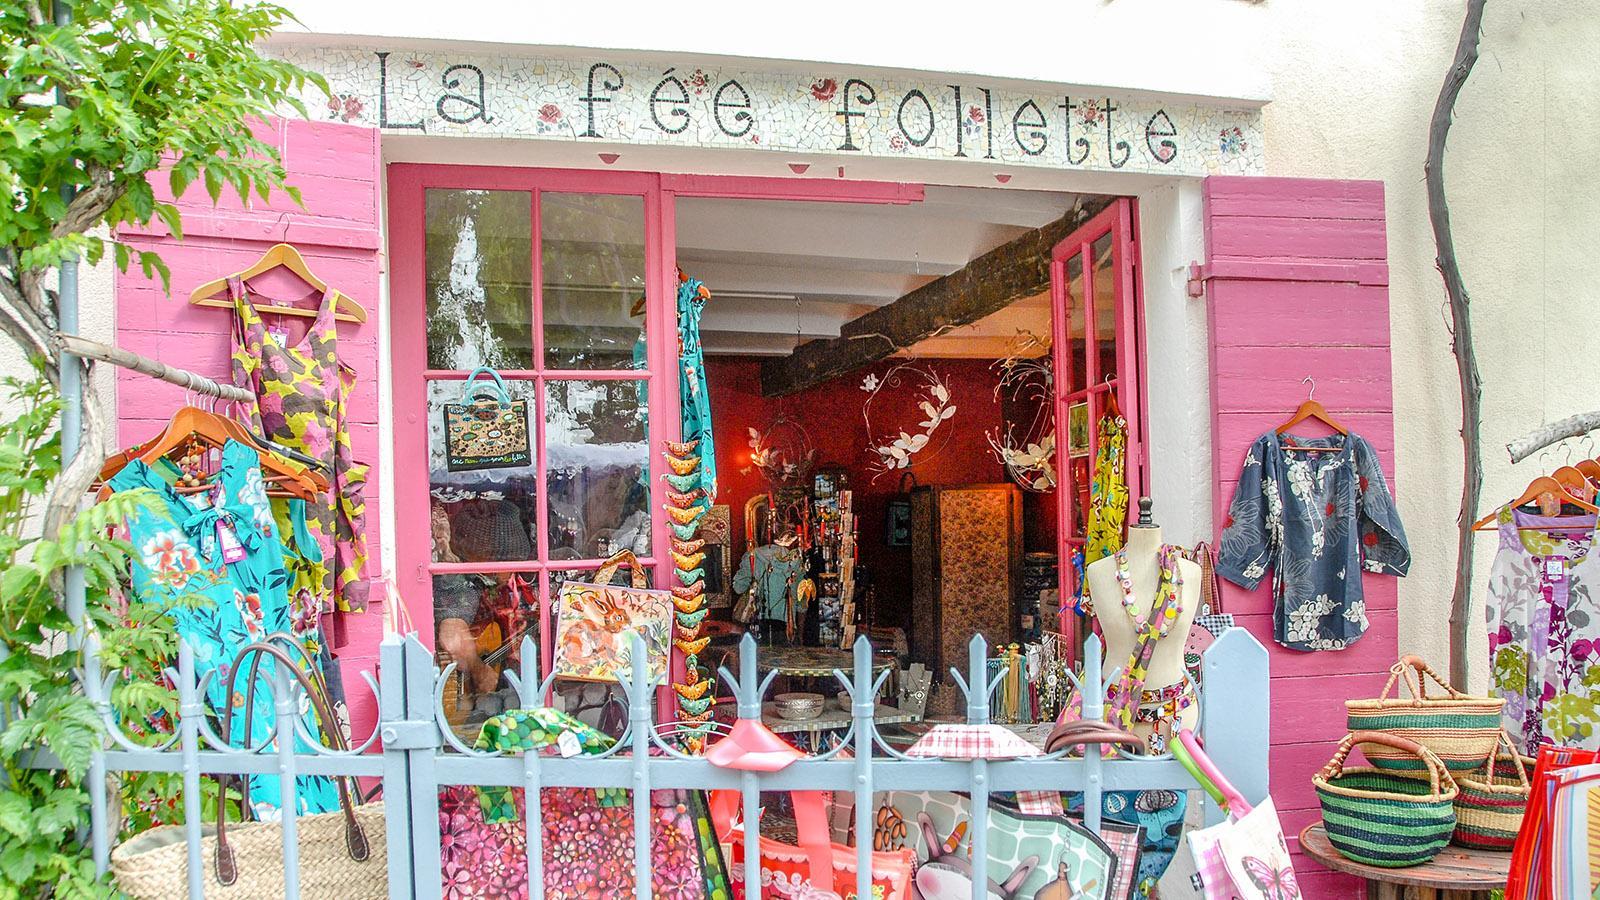 Sanary-sur-Mer: Verspielt & farbenfroh: eine Boutique am Boulevard. Foto: Hilke Maunder